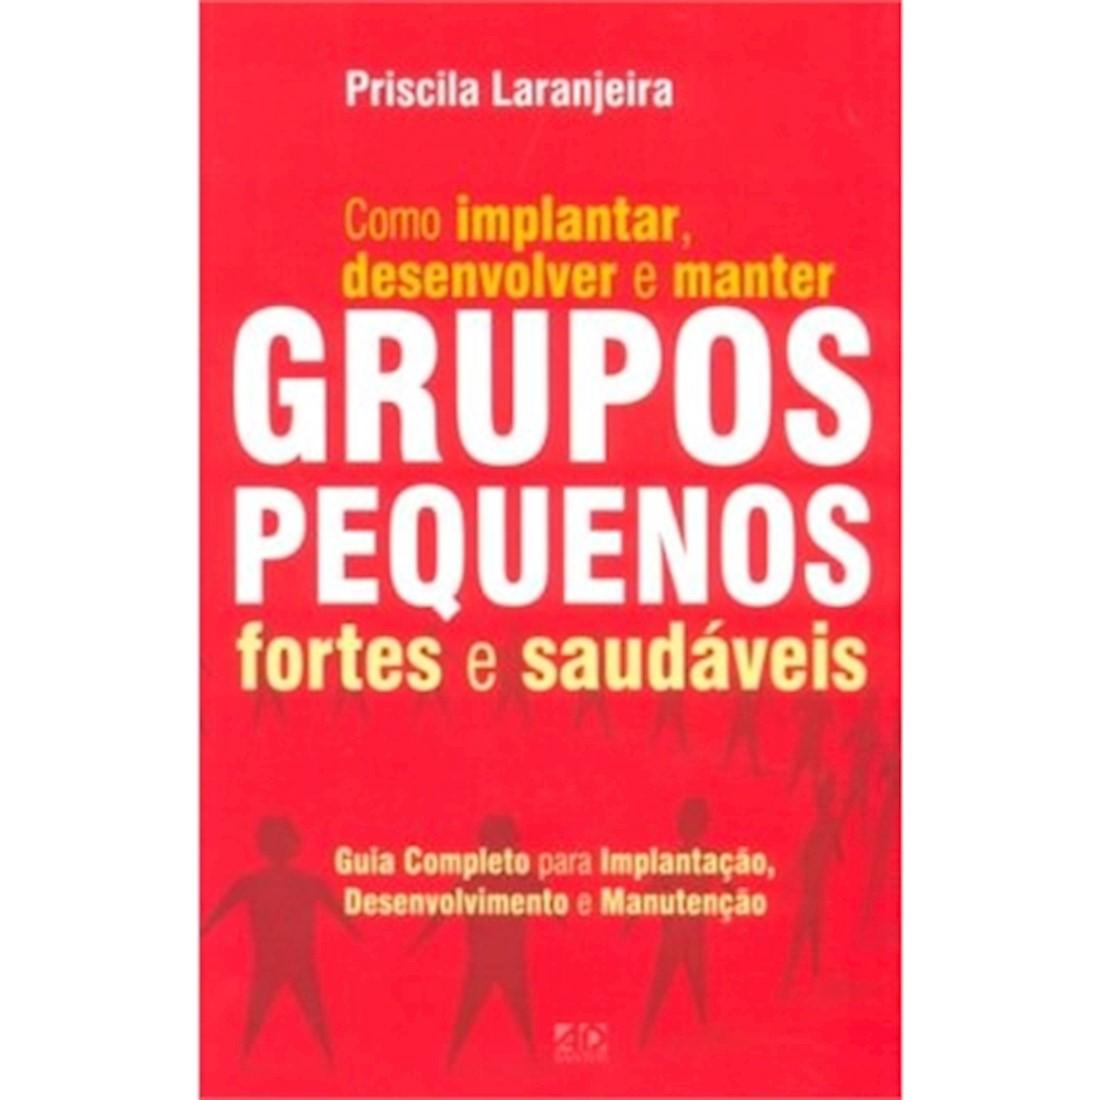 Livro Como Implantar, Desenvolver e Manter Grupos Pequenos Fortes e Saudáveis